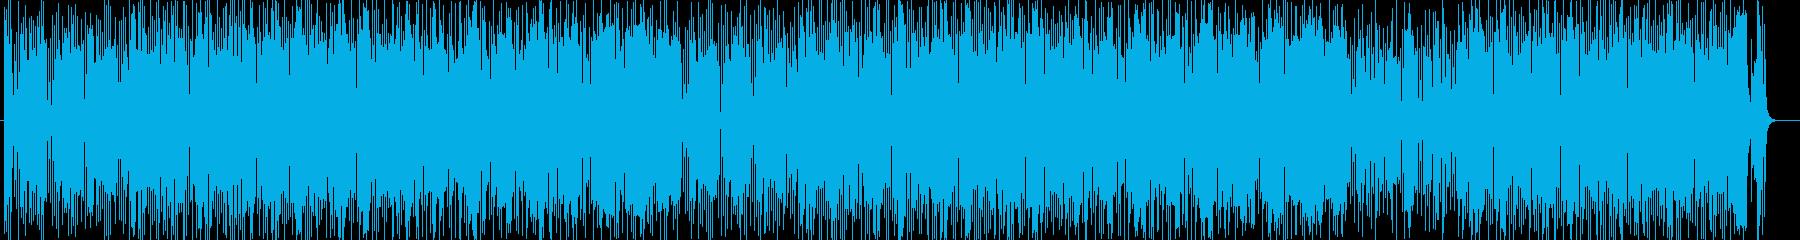 疾走感のあるポップスの再生済みの波形